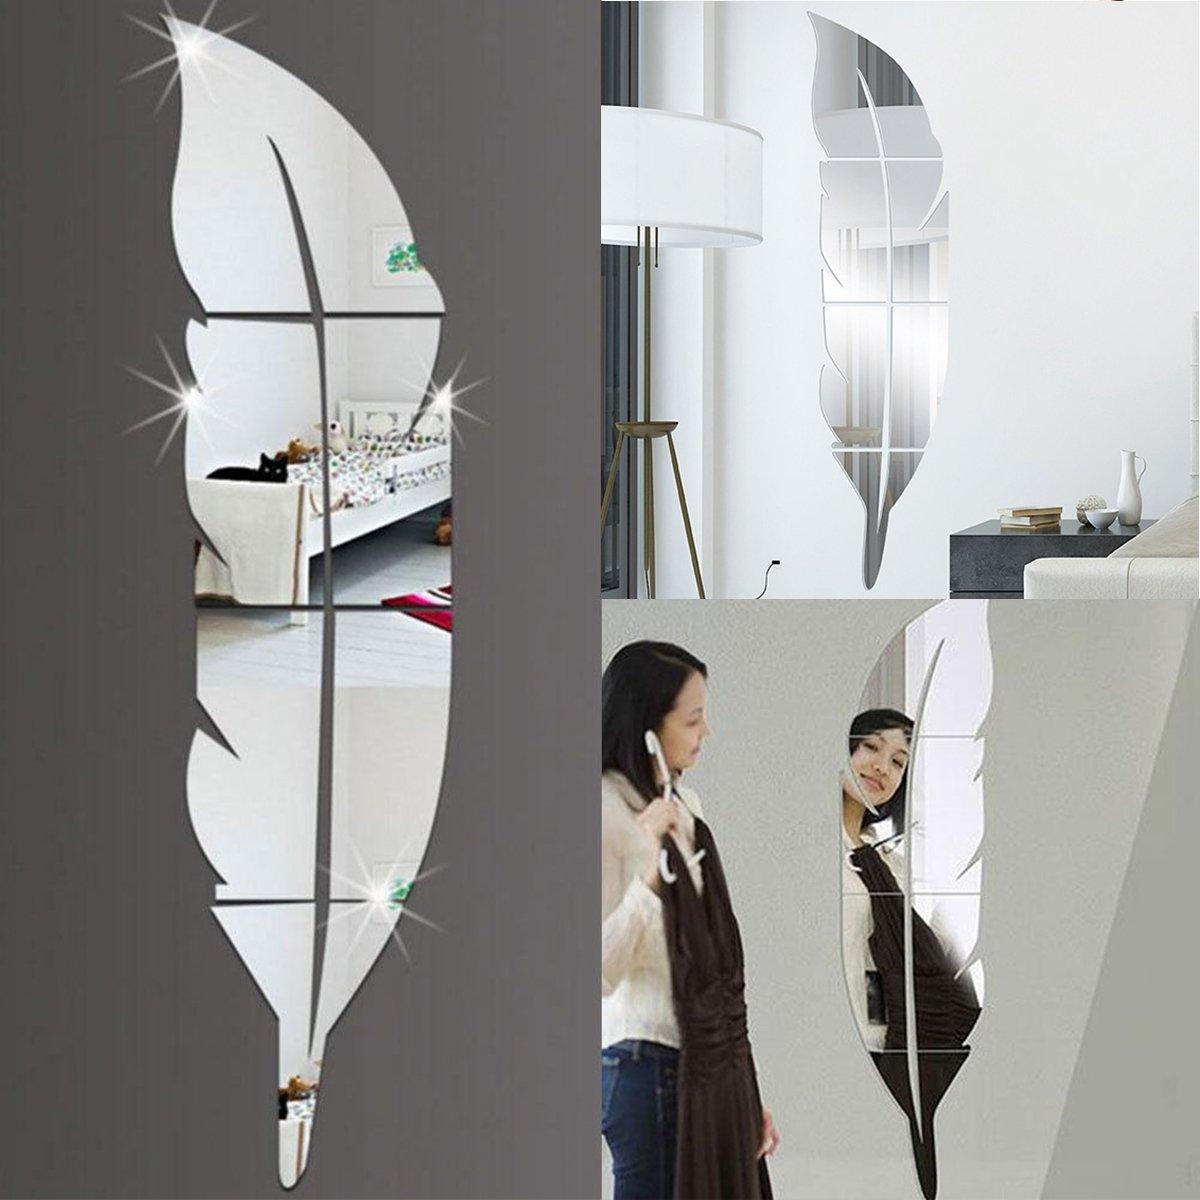 Lovinn - Adhesivo decorativo para pared, diseñ o de espejo, efecto espejo 3D, diseñ o de plumas de vinilo, para decoració n del hogar diseño de espejo diseño de plumas de vinilo para decoración del hogar